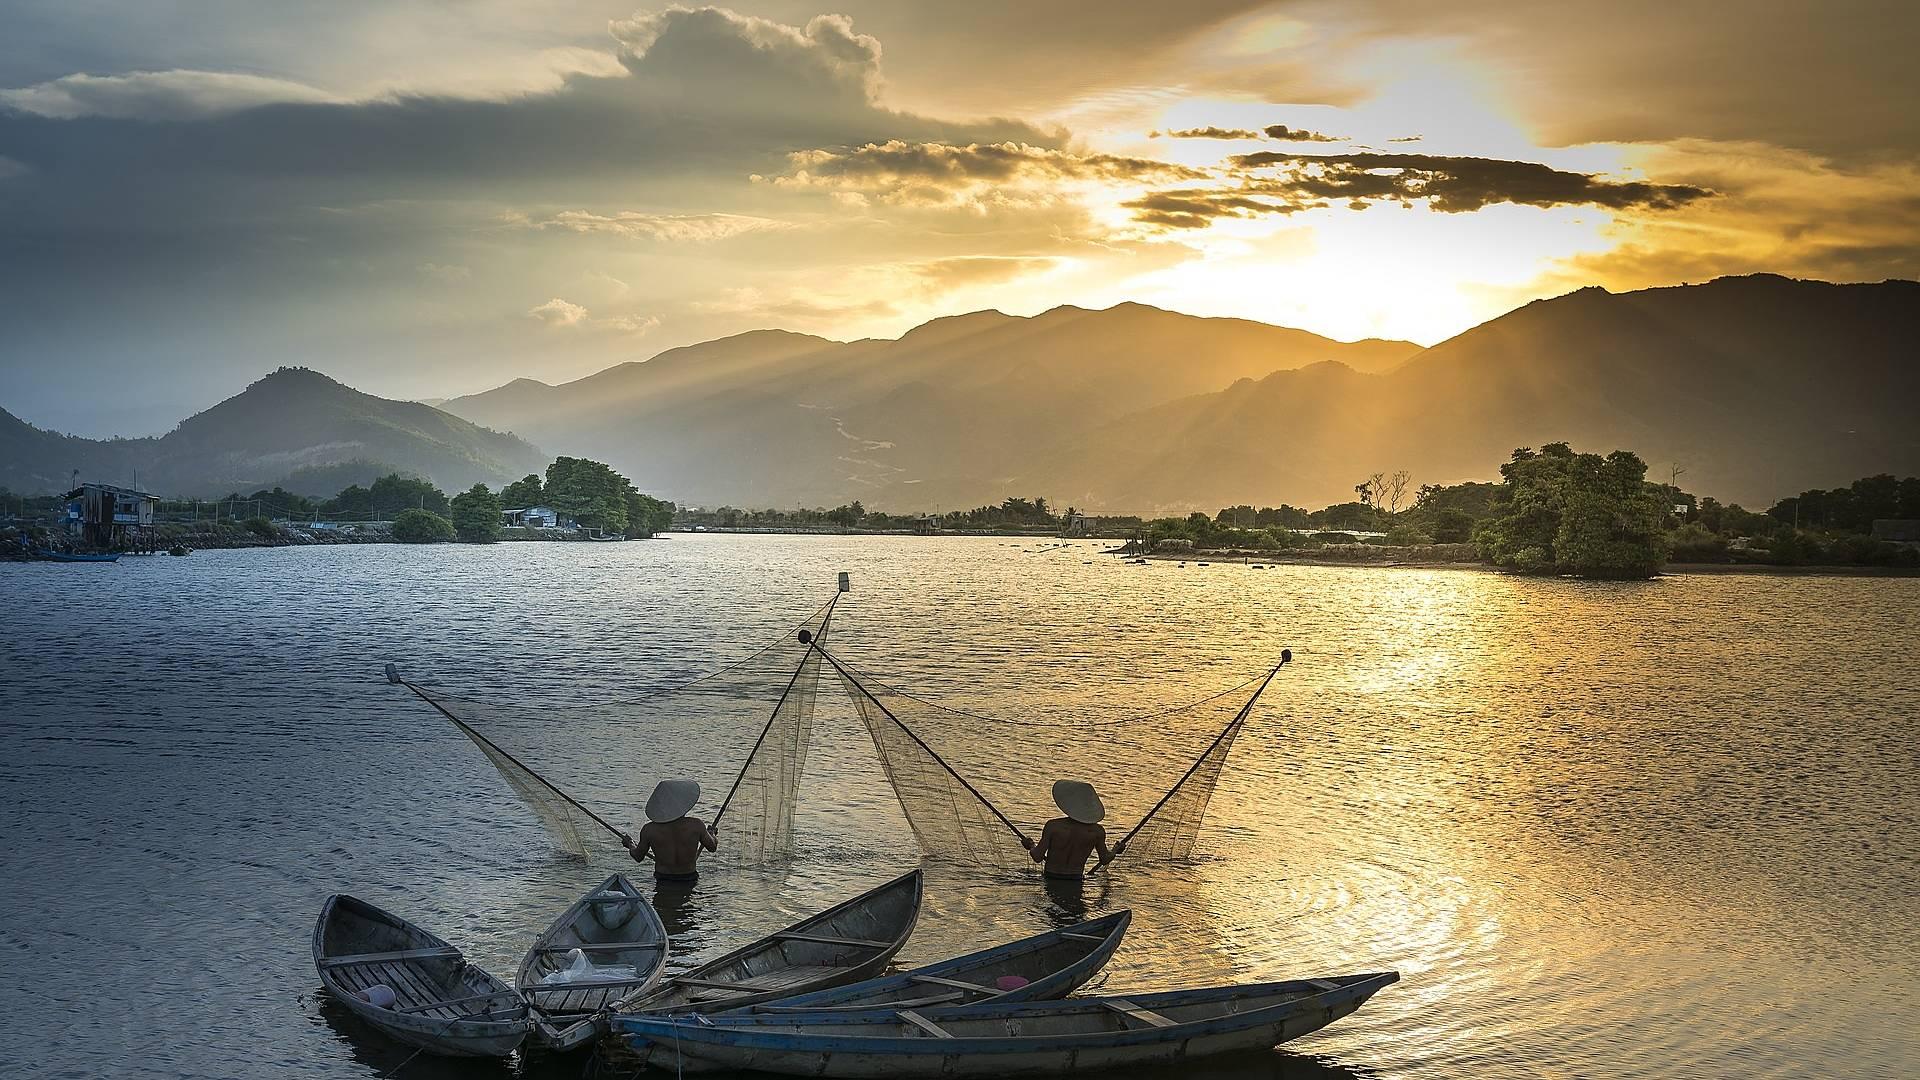 L'affascinante cultura locale e crociera sul fiume